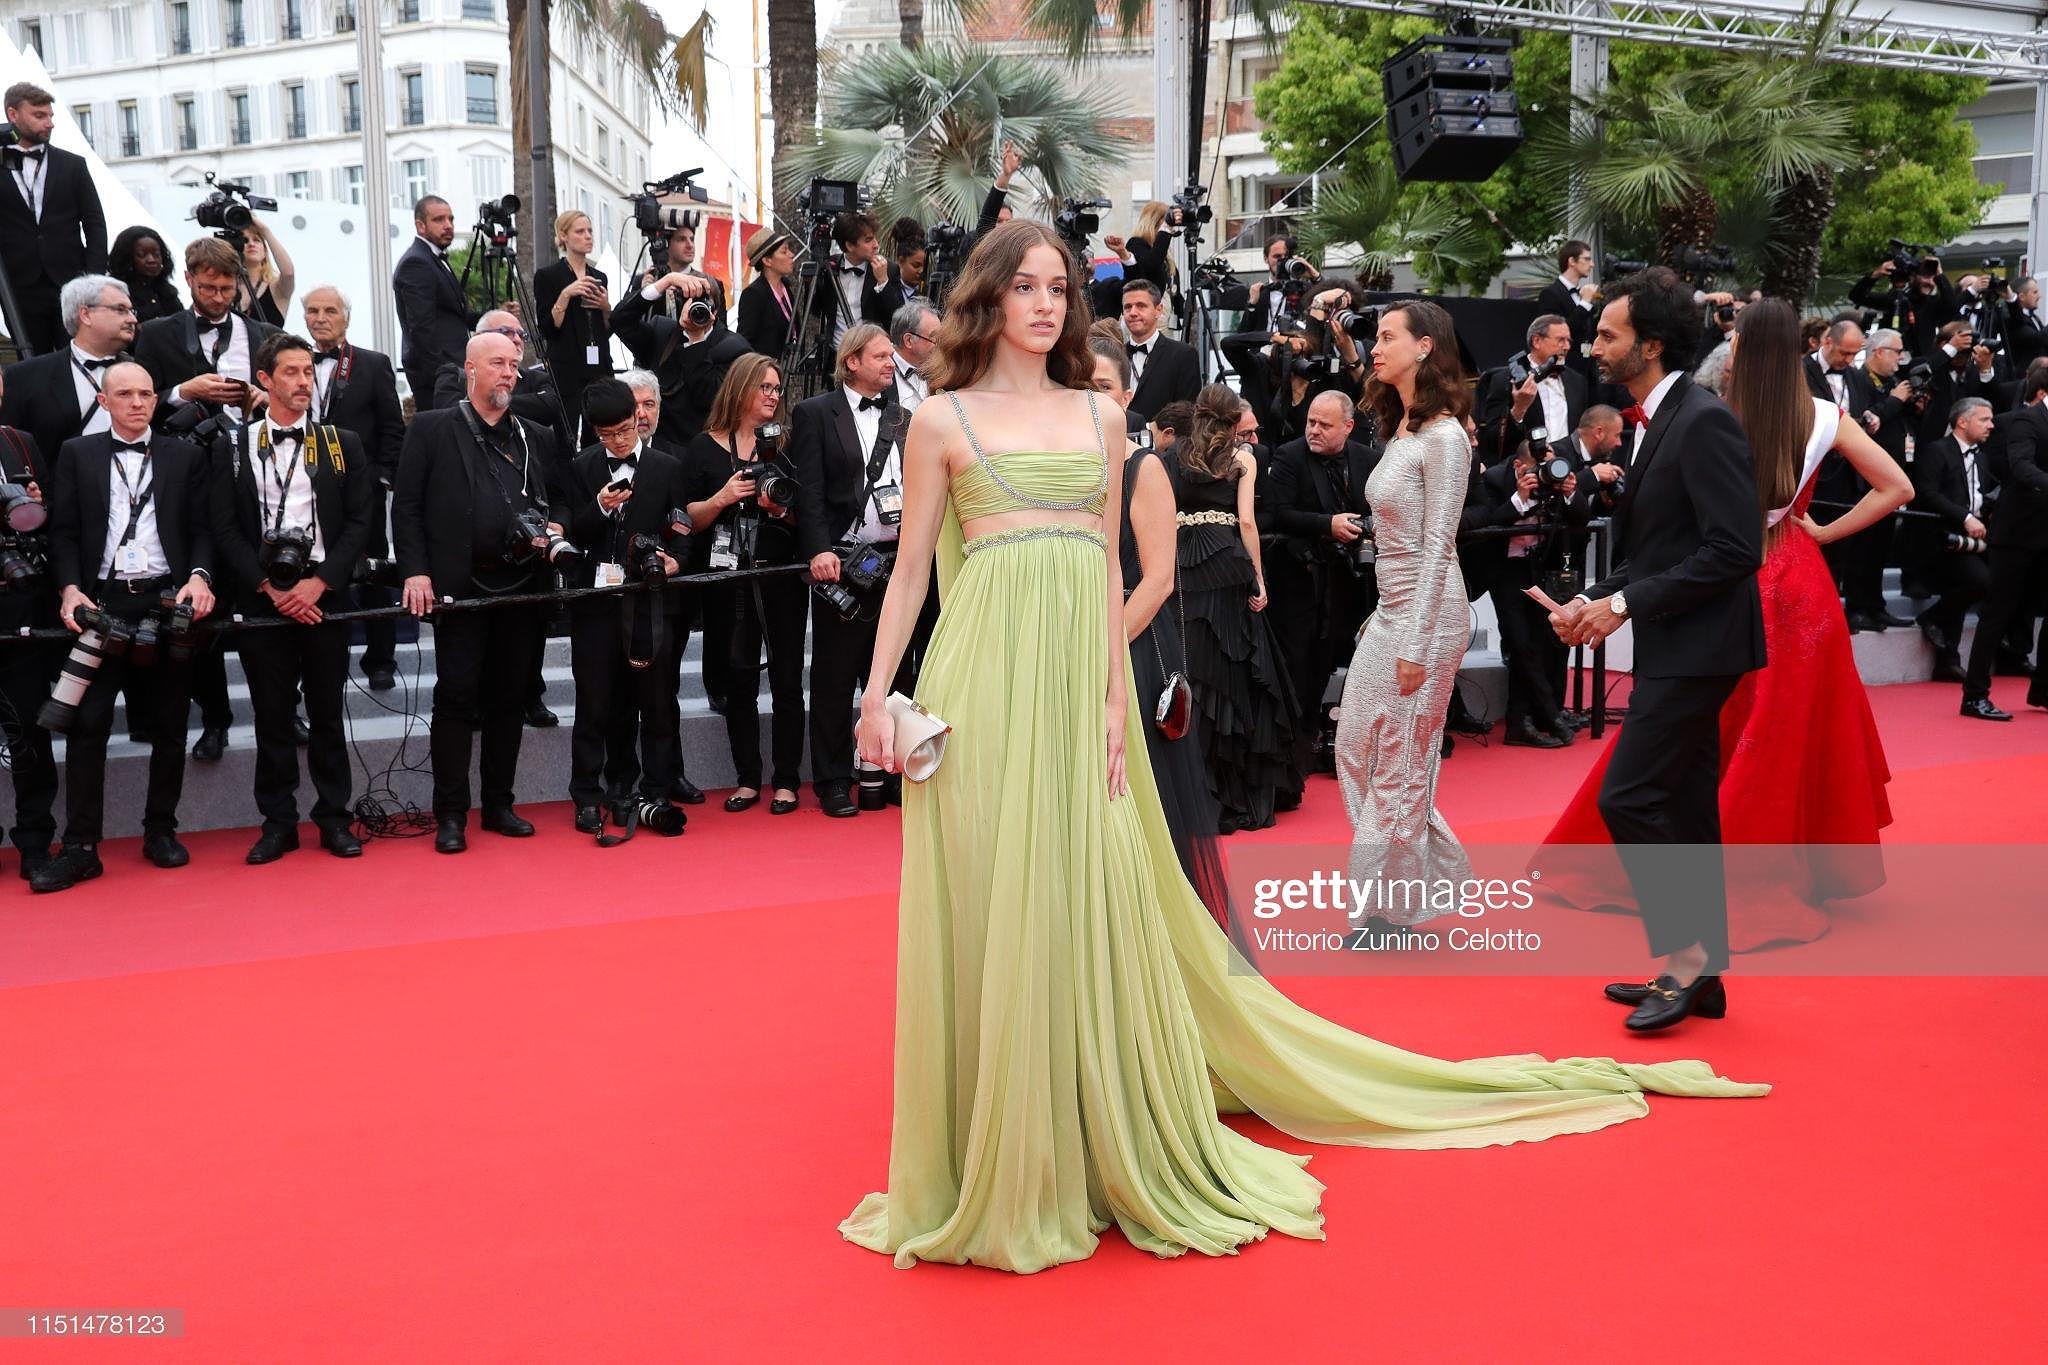 Cannes ngày 11: Xuất hiện loạt 'đối thủ' của Ngọc Trinh, có cả thảm họa thẩm mỹ - Hình 36